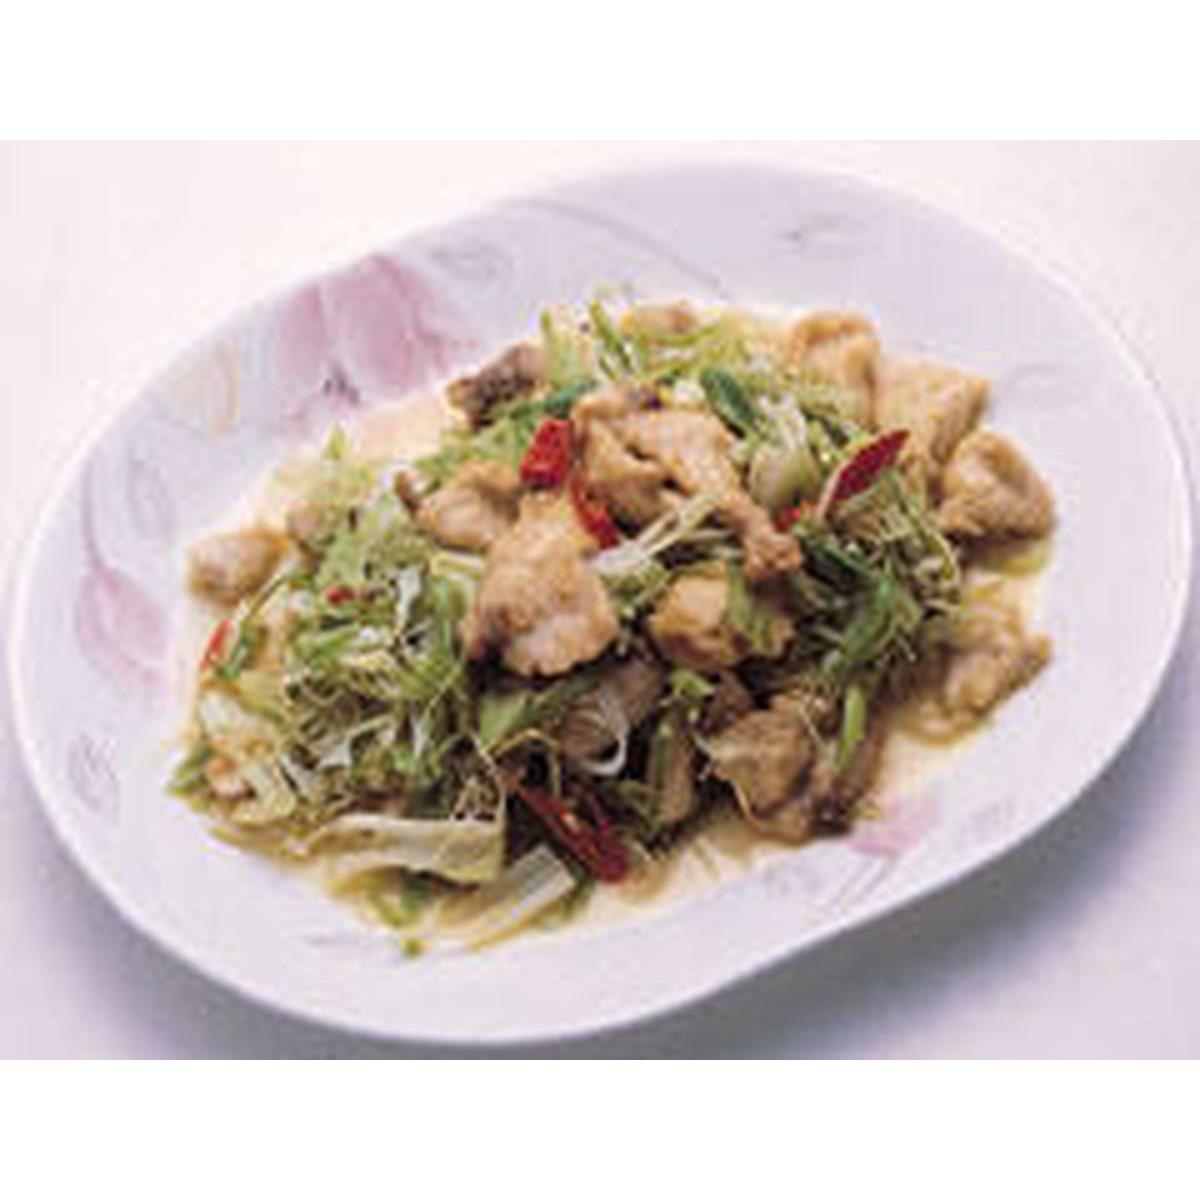 食譜:大蒜炒鯊魚